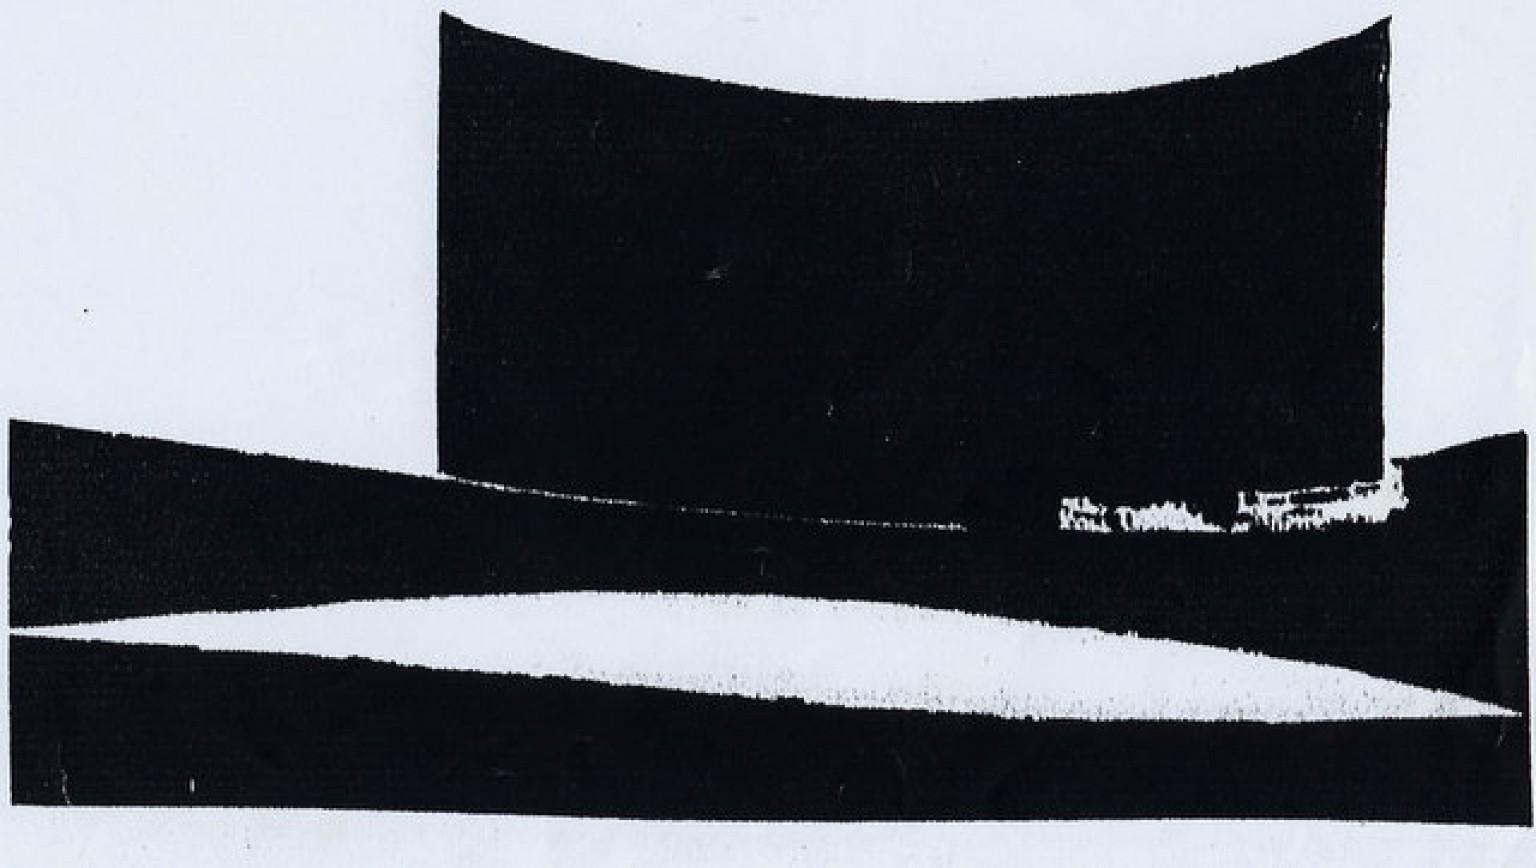 Le négrier. Dessin à l'encre de chine de l'artiste Victor Anicet. Oeuvre originale. 1970